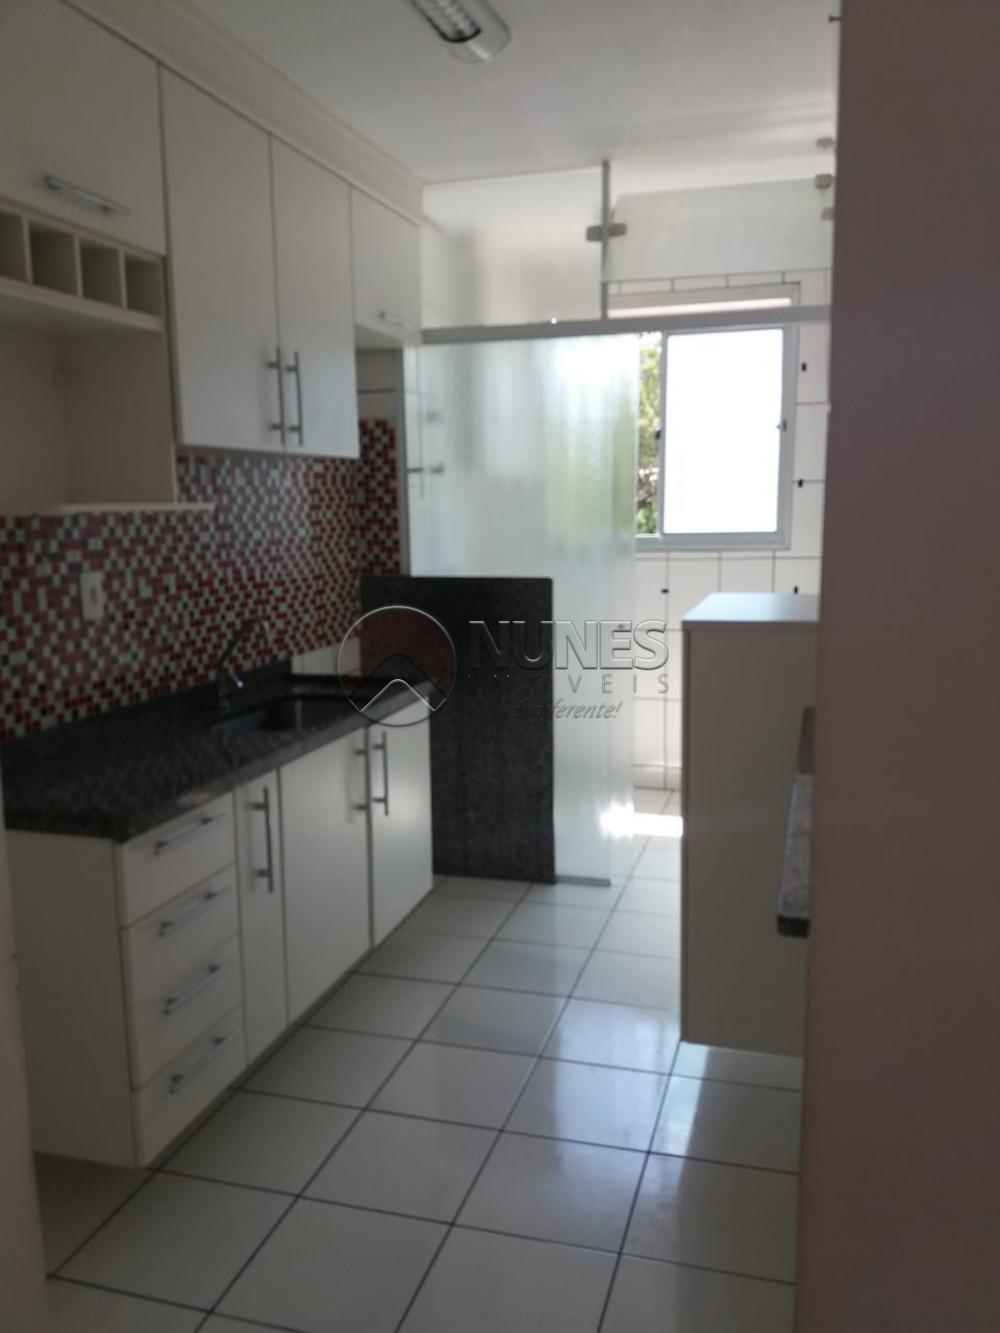 Comprar Apartamento / Padrão em Osasco apenas R$ 229.000,00 - Foto 9